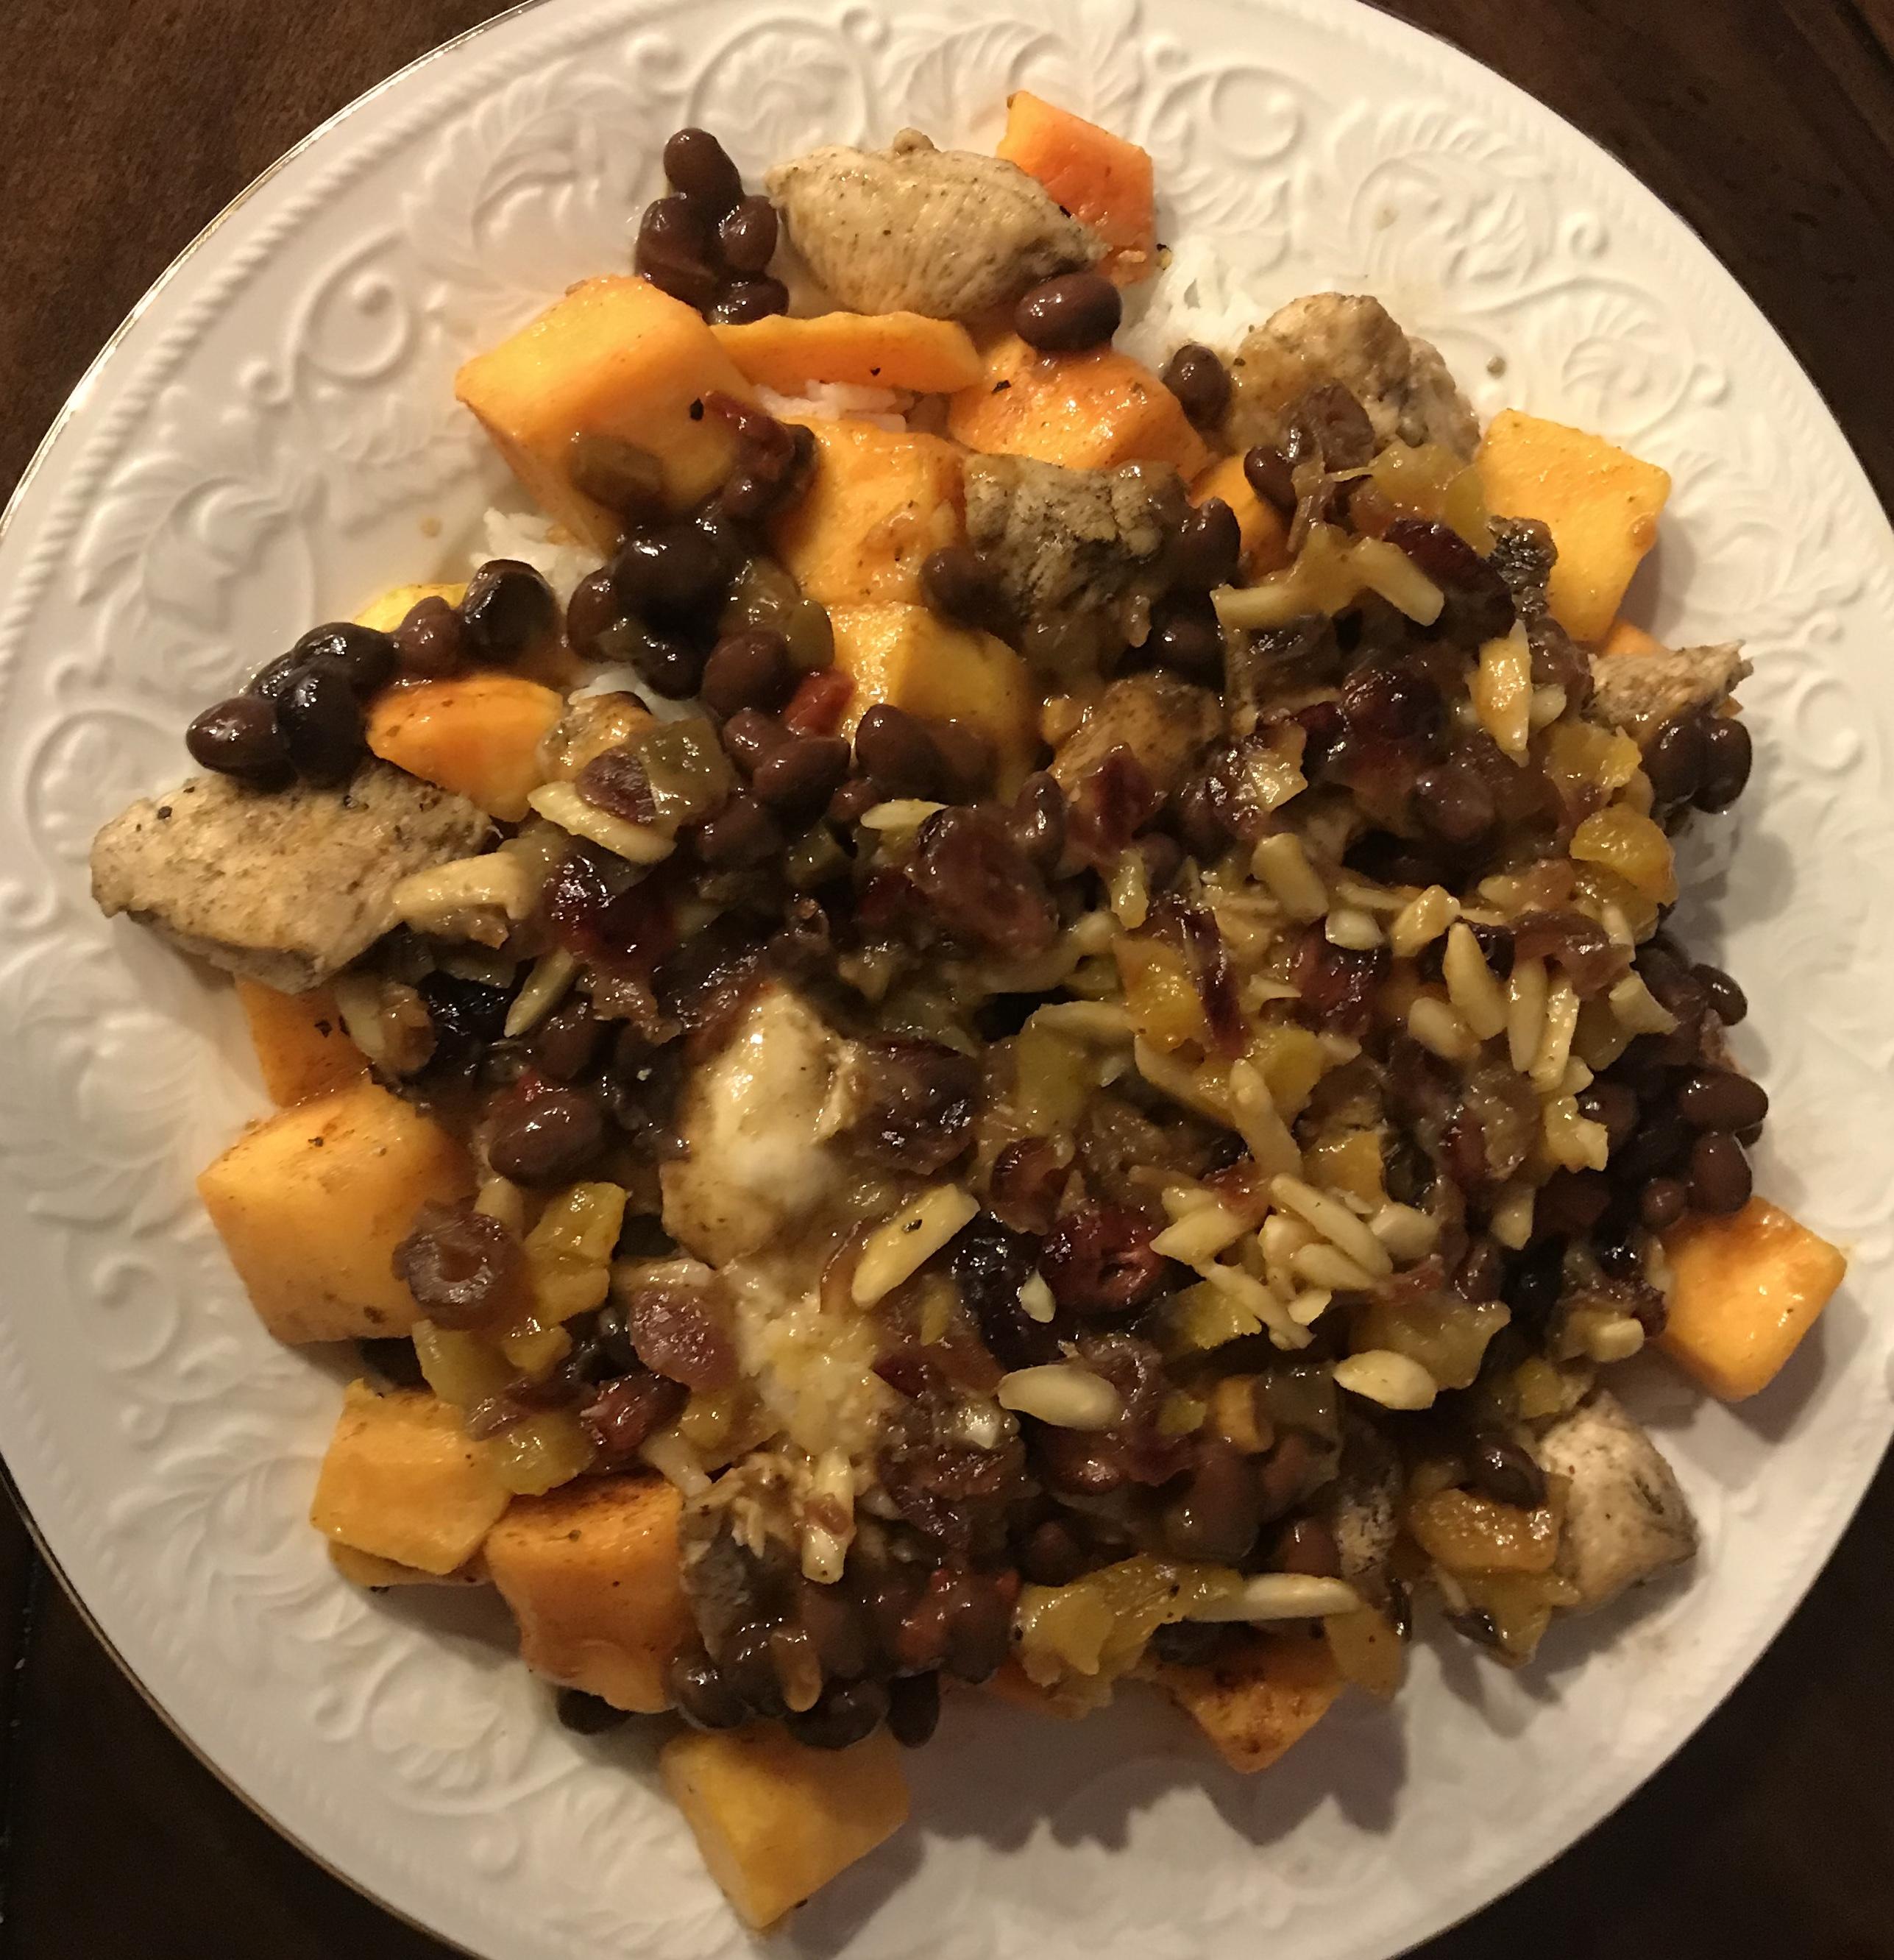 Moroccan-Style Chicken with Butternut Squash Noodles Tara Schroeder